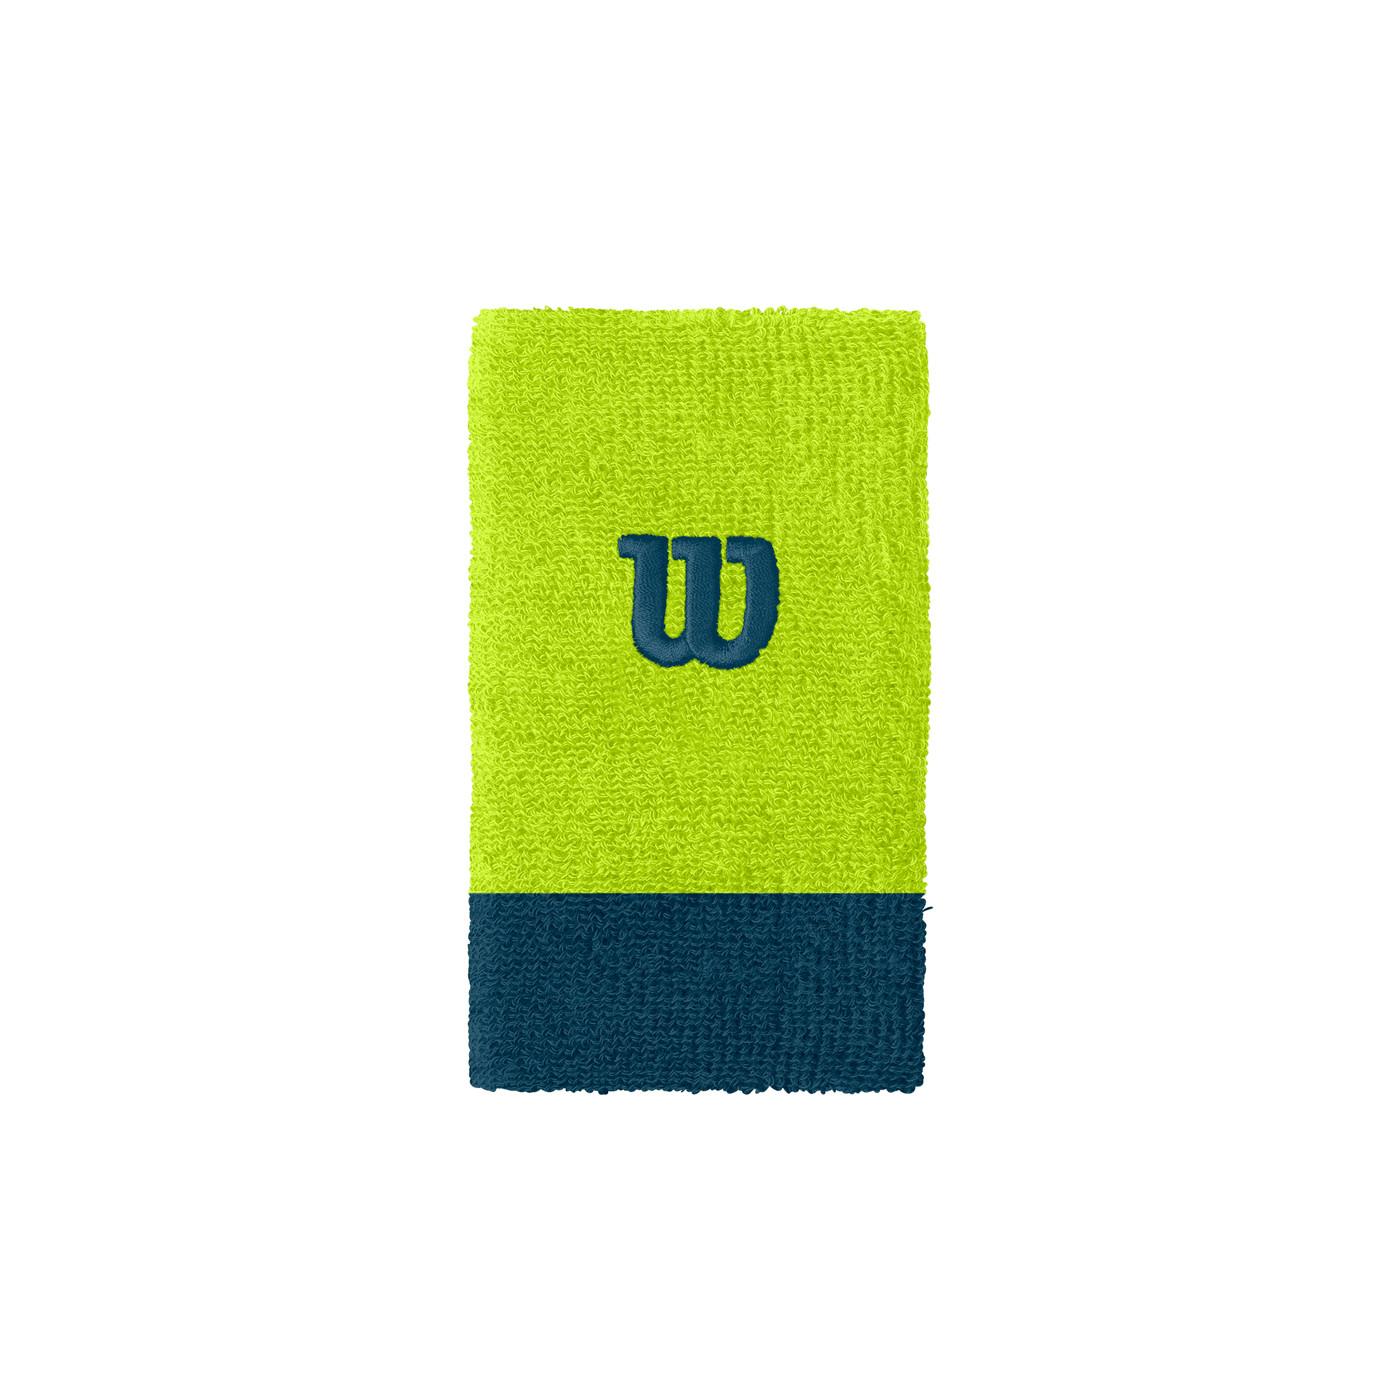 WILSON EXTRA WIDE W WRISTBAND Lime Pop/MAJ OSFA - Herren